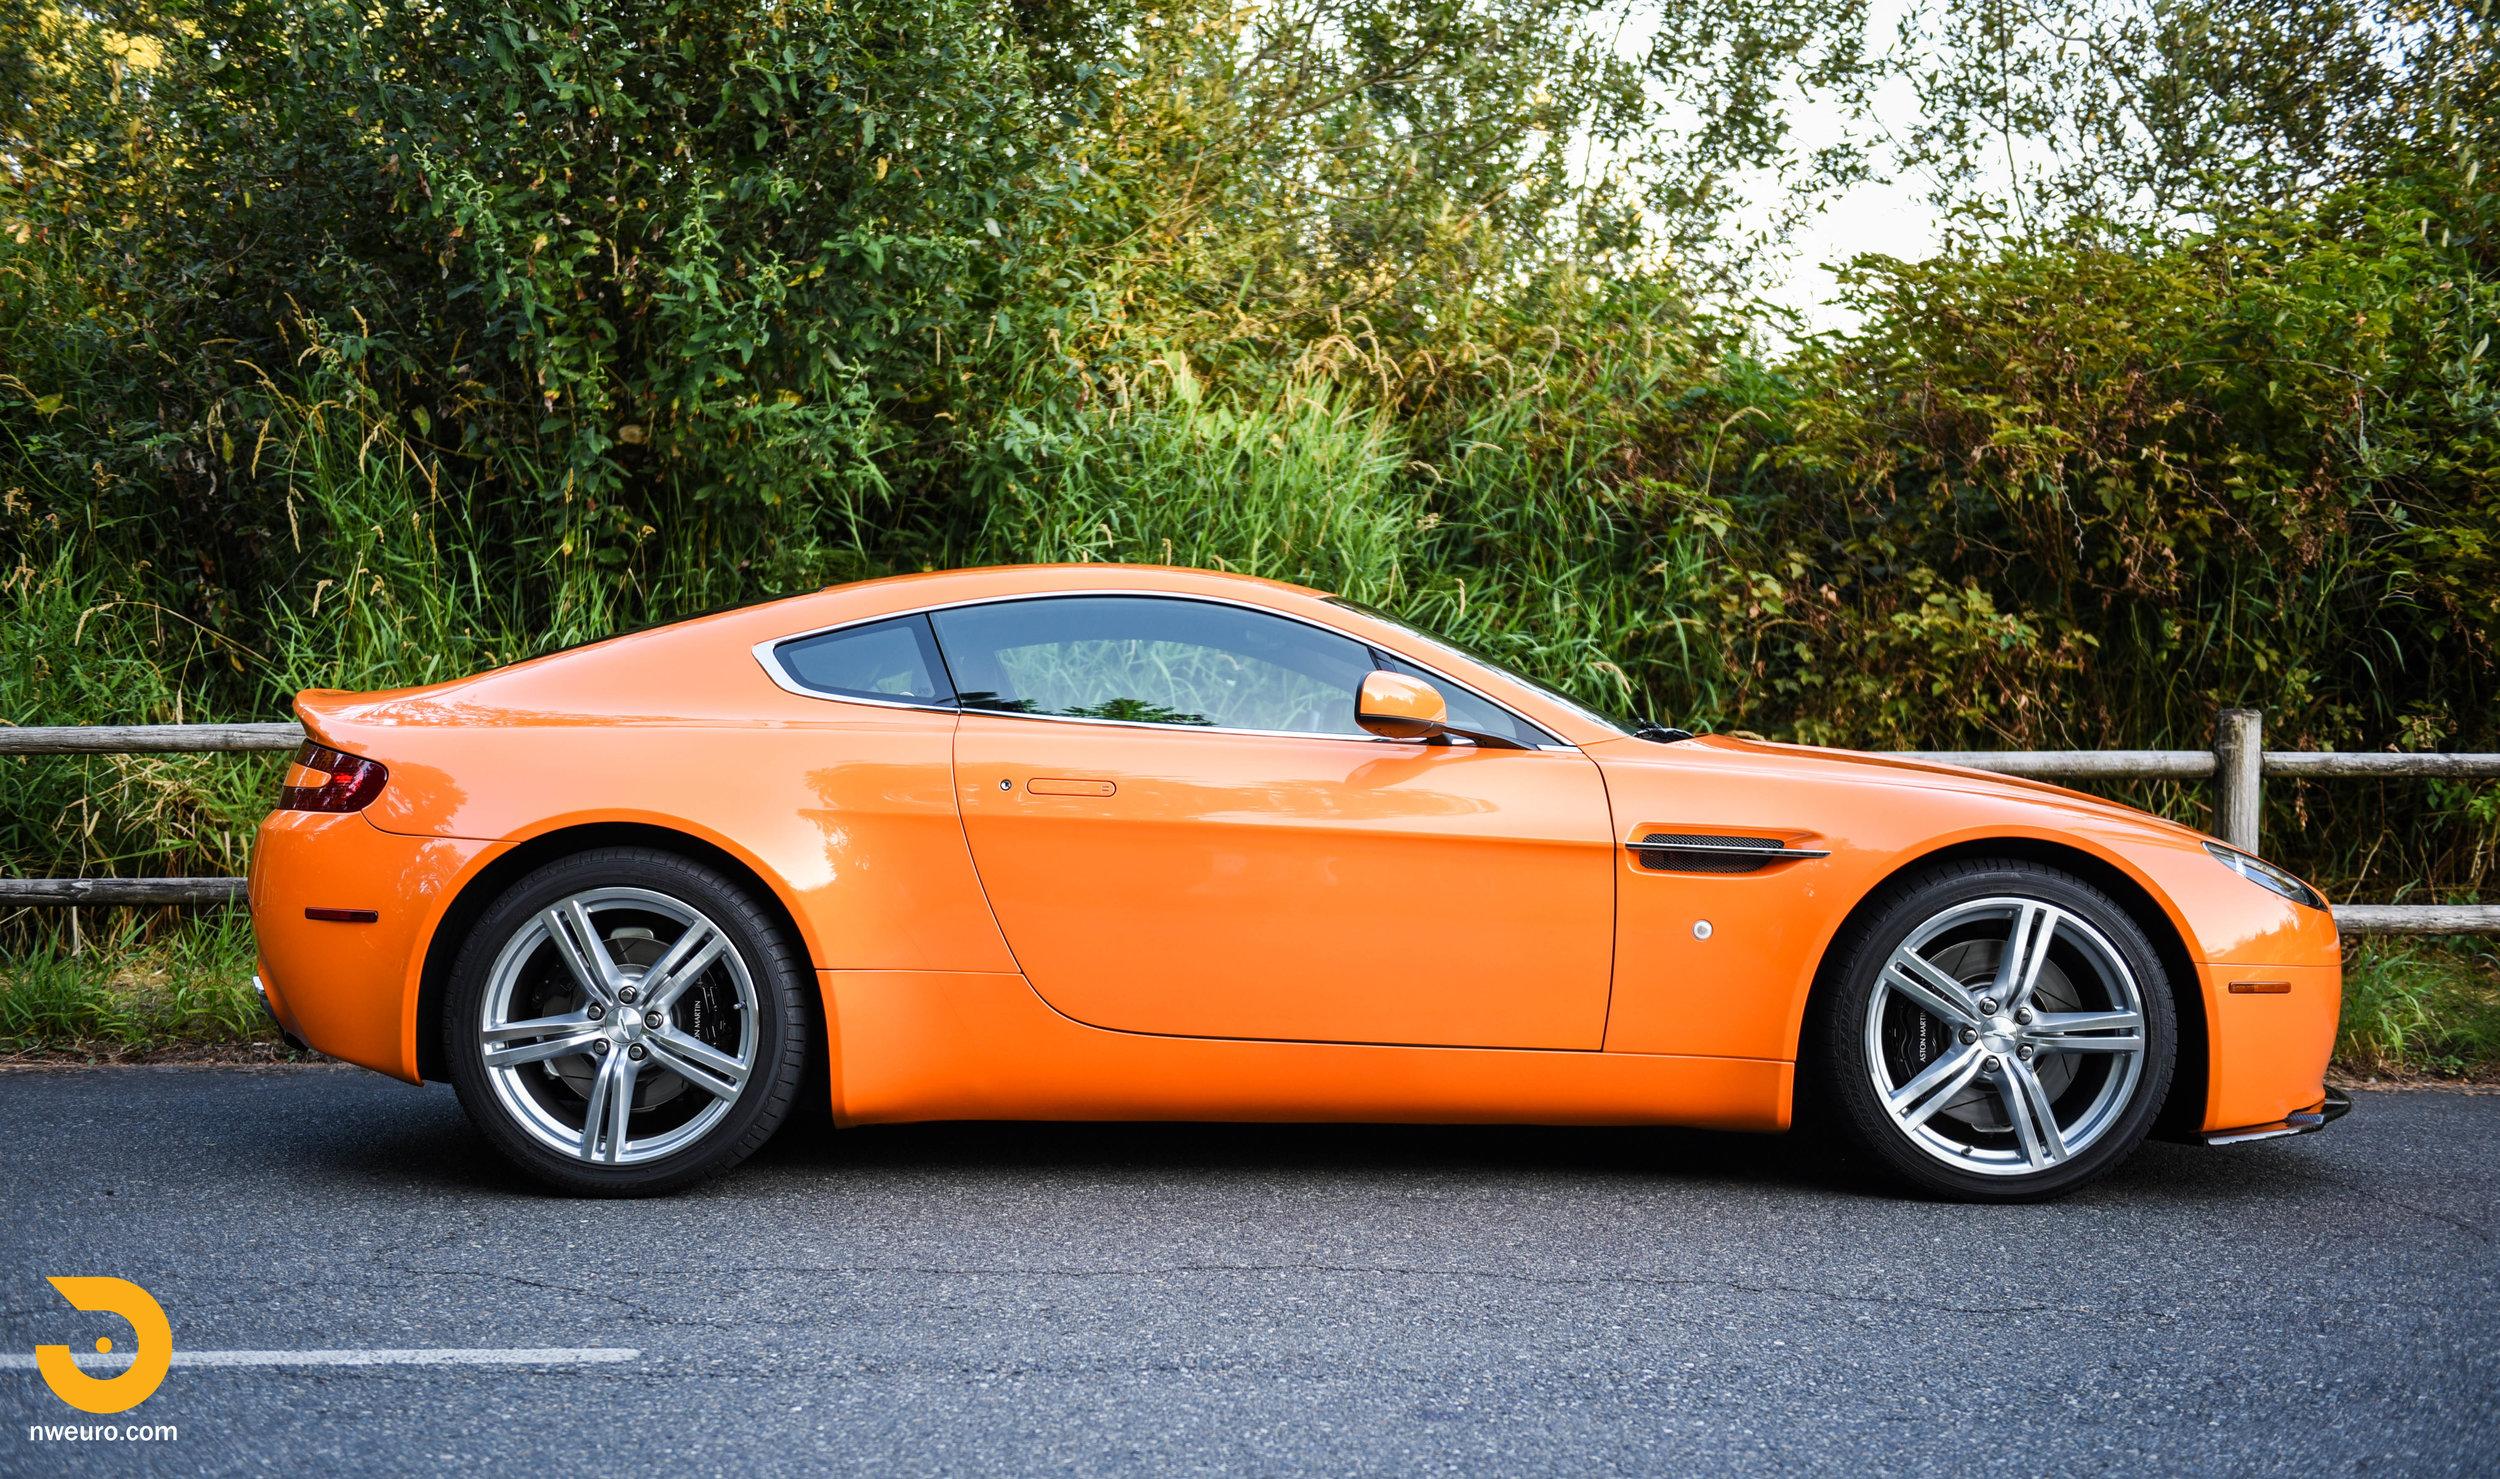 2009 Aston Martin V8 Vantage-4.jpg